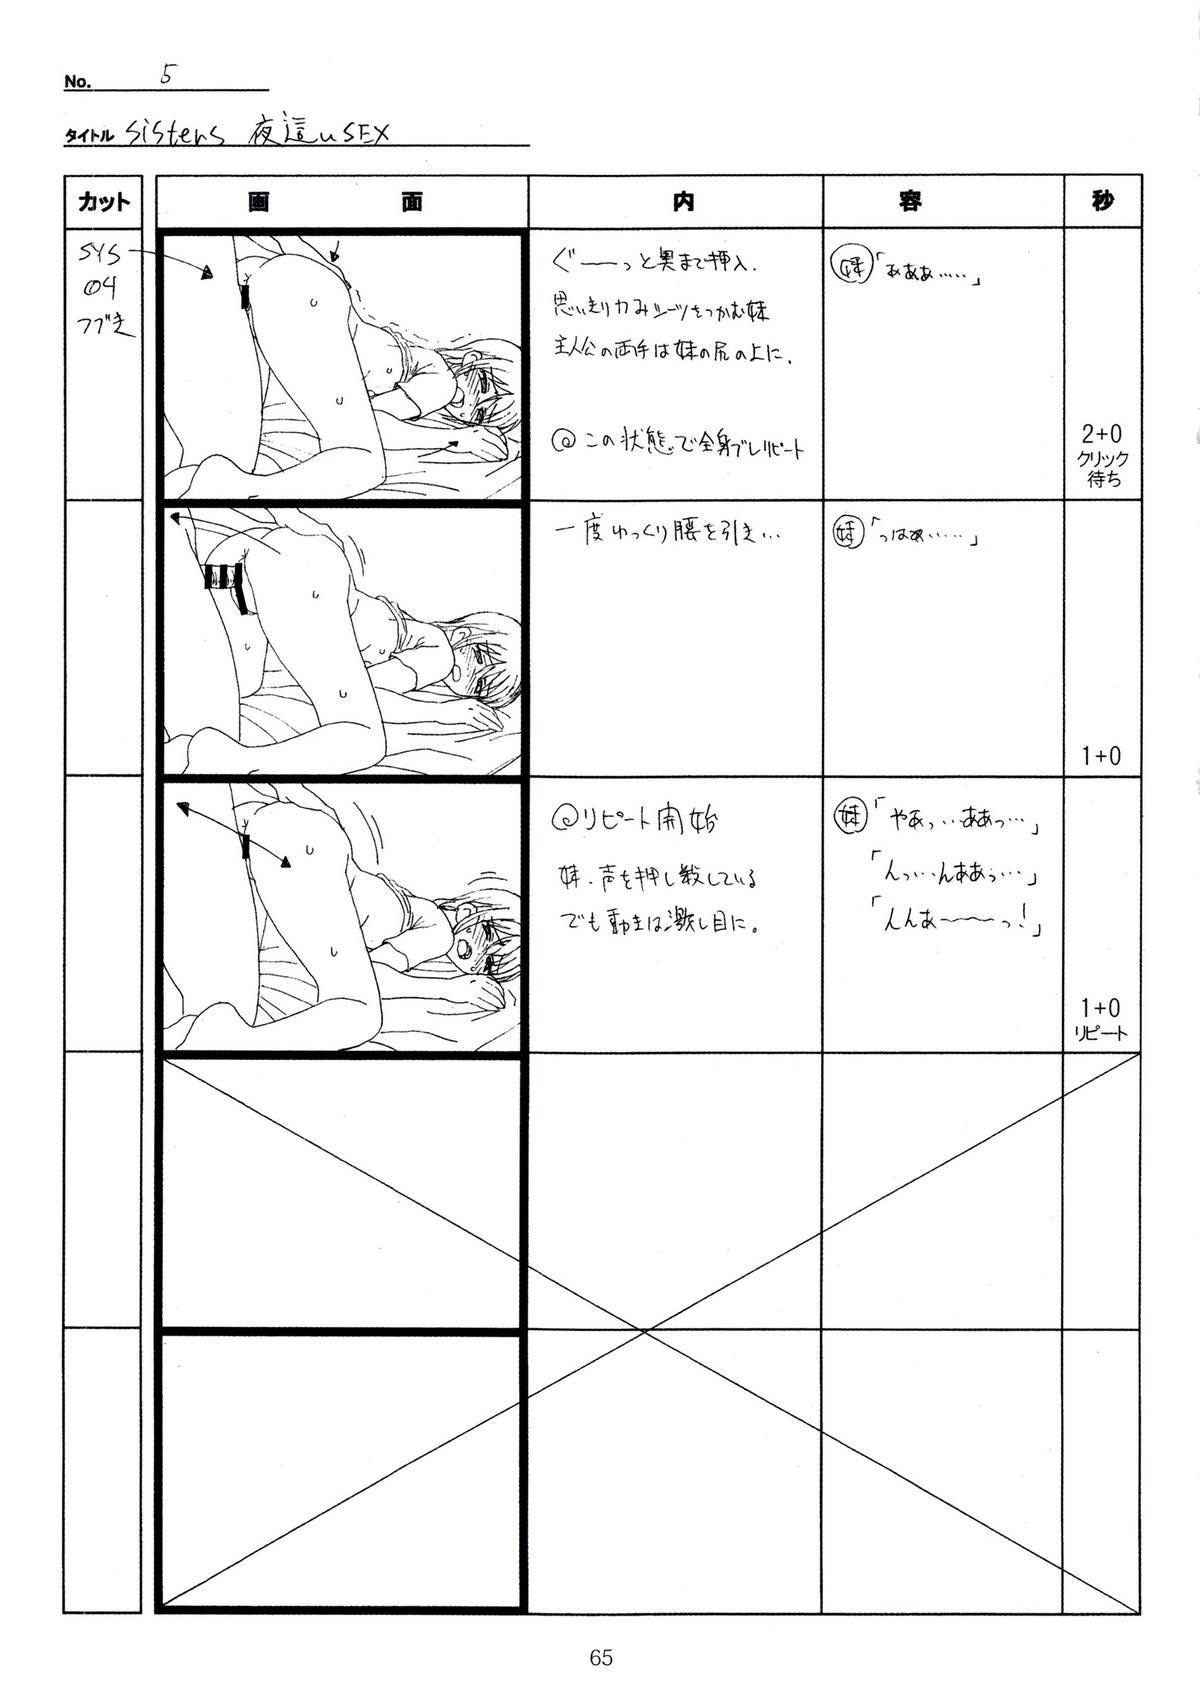 (C89) [Makino Jimusho (Taki Minashika)] SISTERS -Natsu no Saigo no Hi- H Scene All Part Storyboard (SISTERS -Natsu no Saigo no Hi-) 64